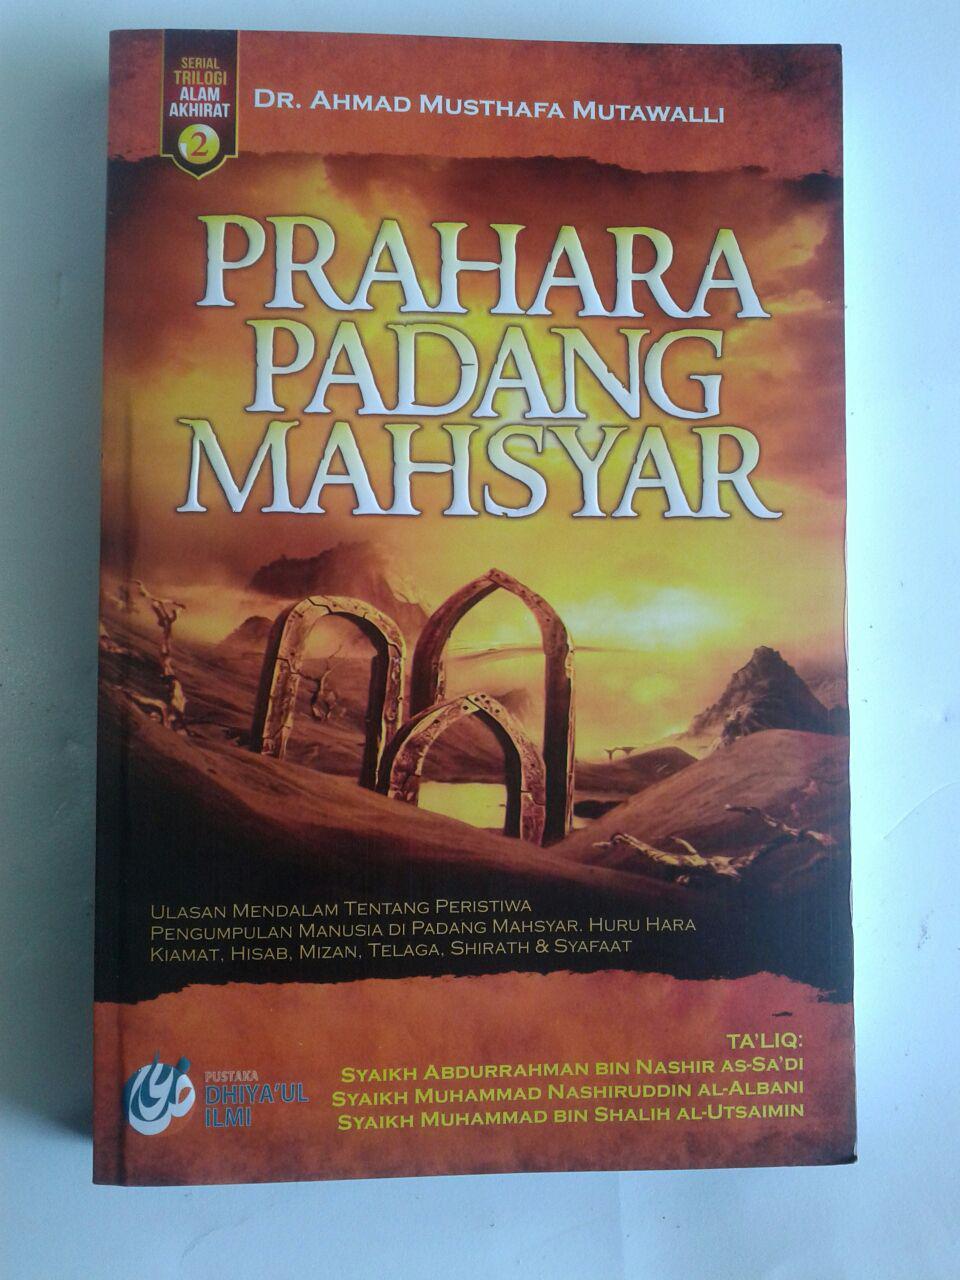 Buku Prahara Padang Mahsyar (Seri 2 Trilogi Alam Akhirat) cover 2